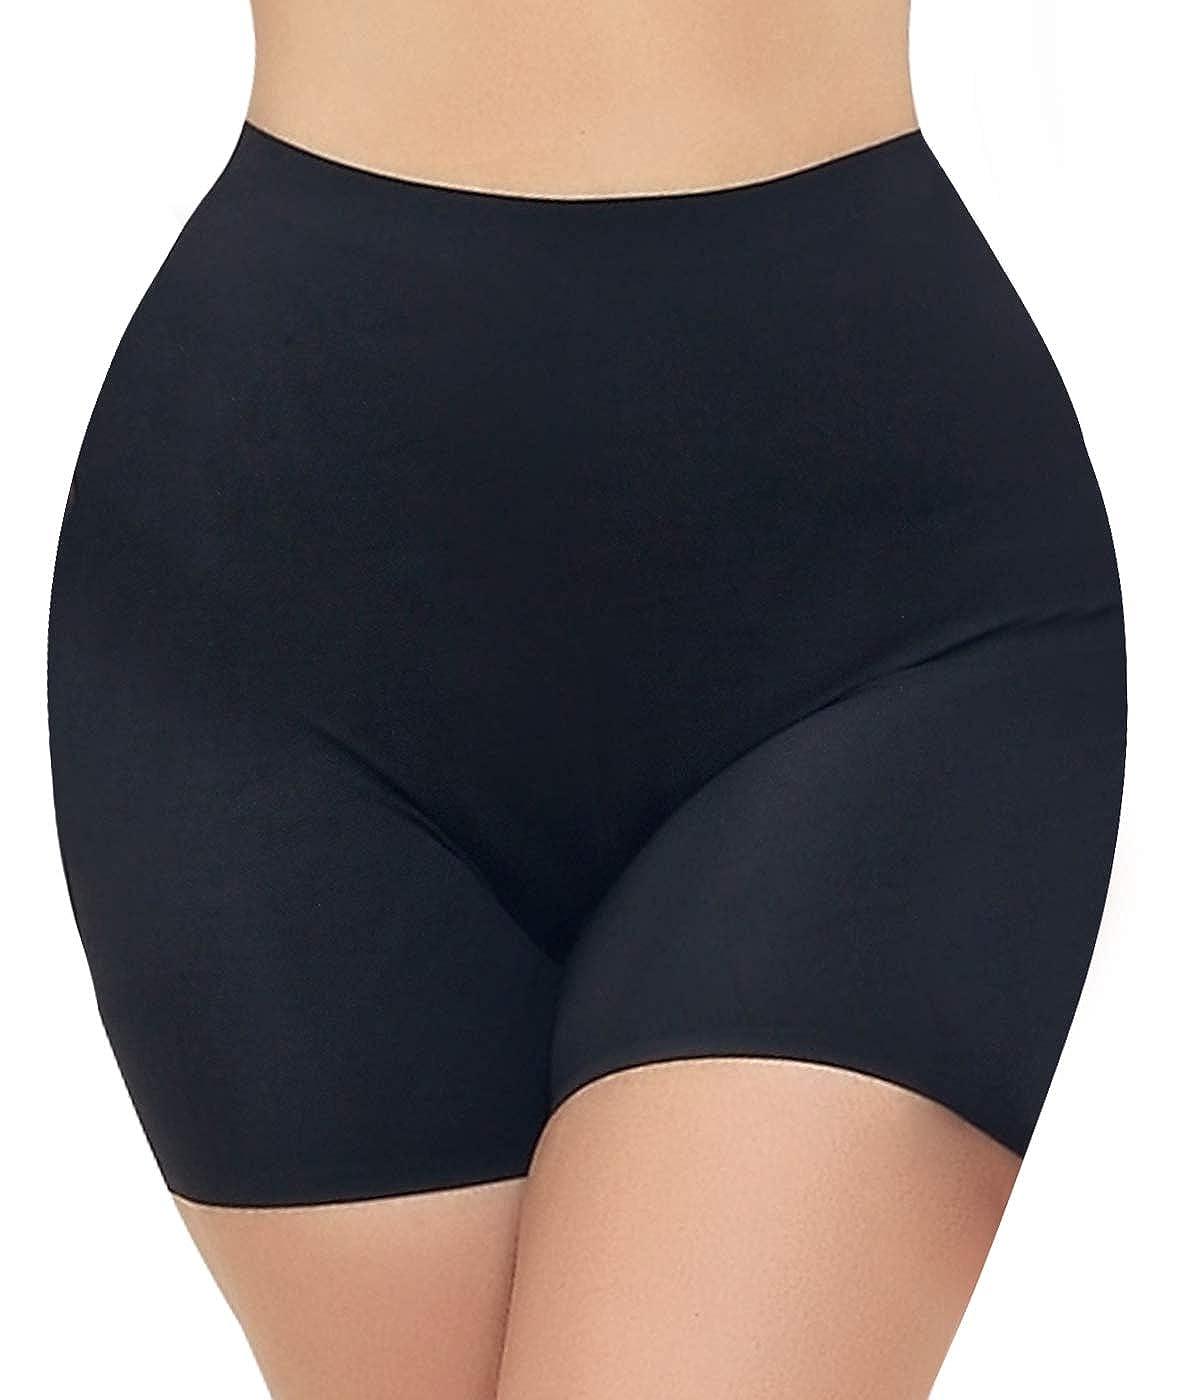 COMFREE Guaina Contenitiva met/à Vita Intimo Modellante Mutanda Fascia Glutei Underpants Mutande Massaggianti Modellanti Effetto Snellente Body Shaper Donna